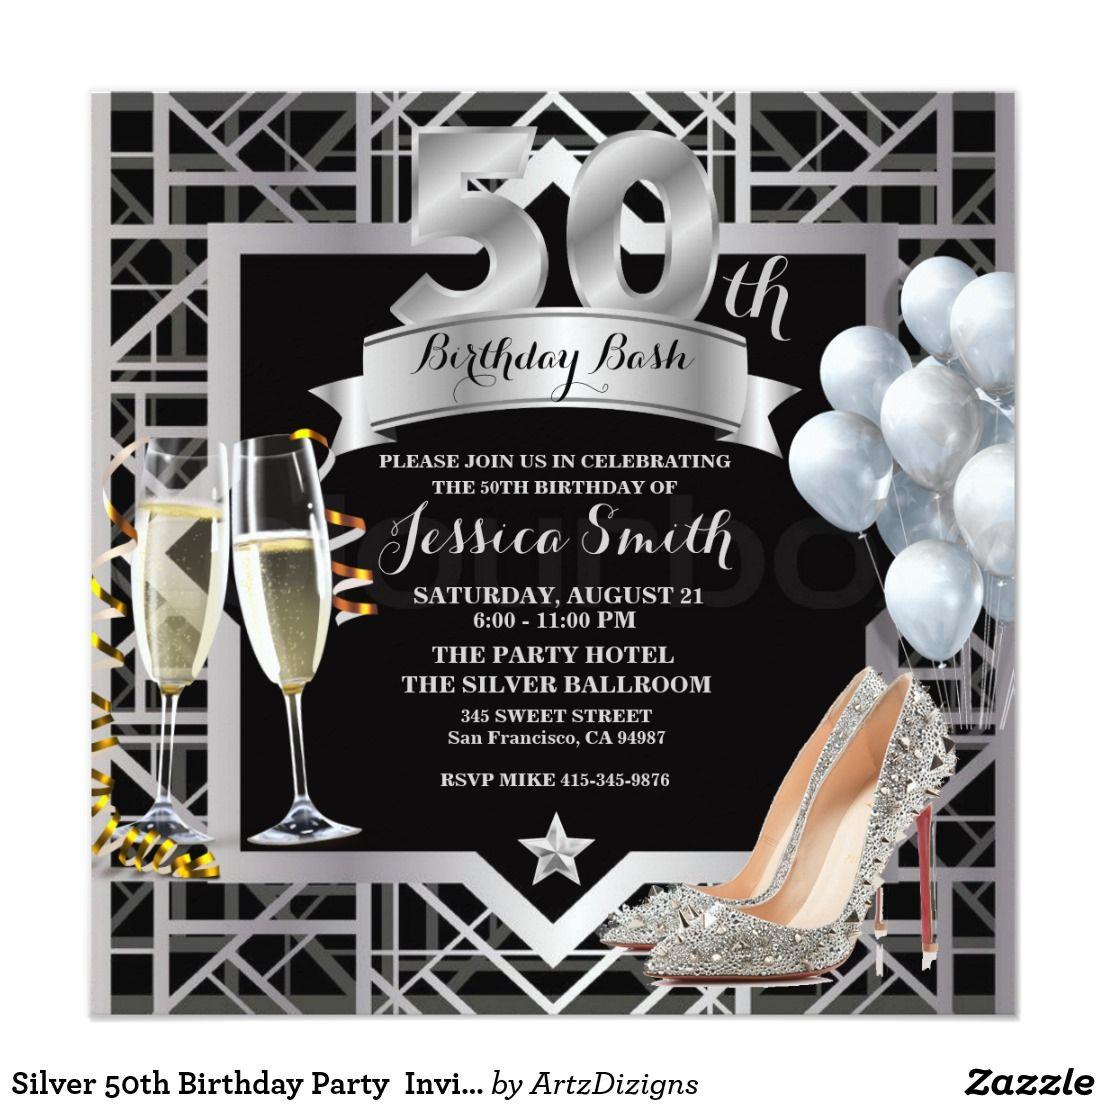 Silver 50th Birthday Party Invitation http://www.zazzle.com ...